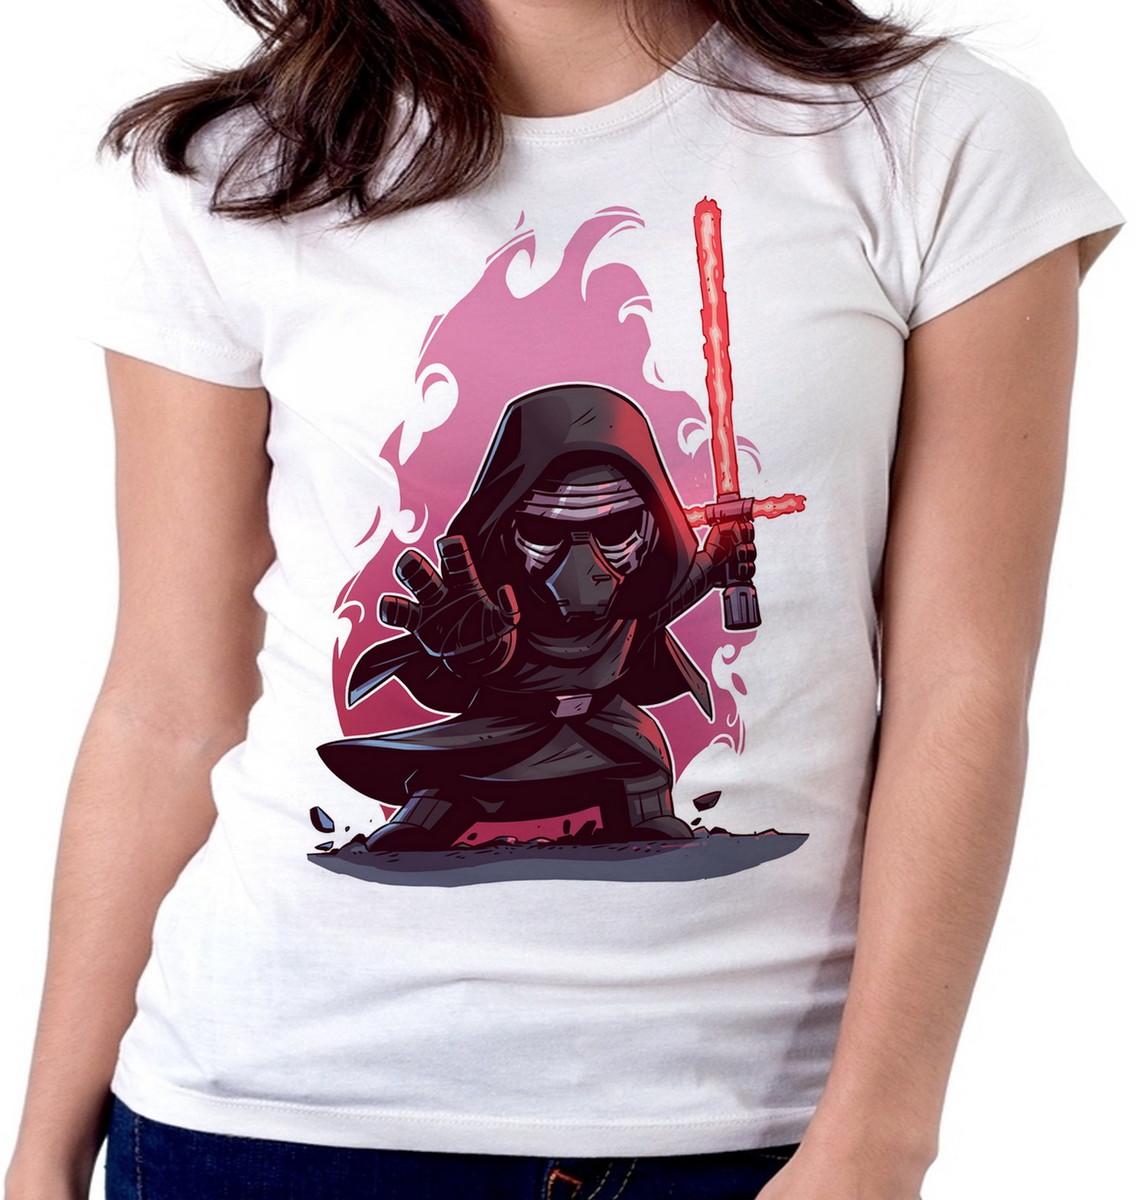 6ff2930fb Blusa feminina baby look camiseta Ben Solo vilão Star Wars no Elo7 ...